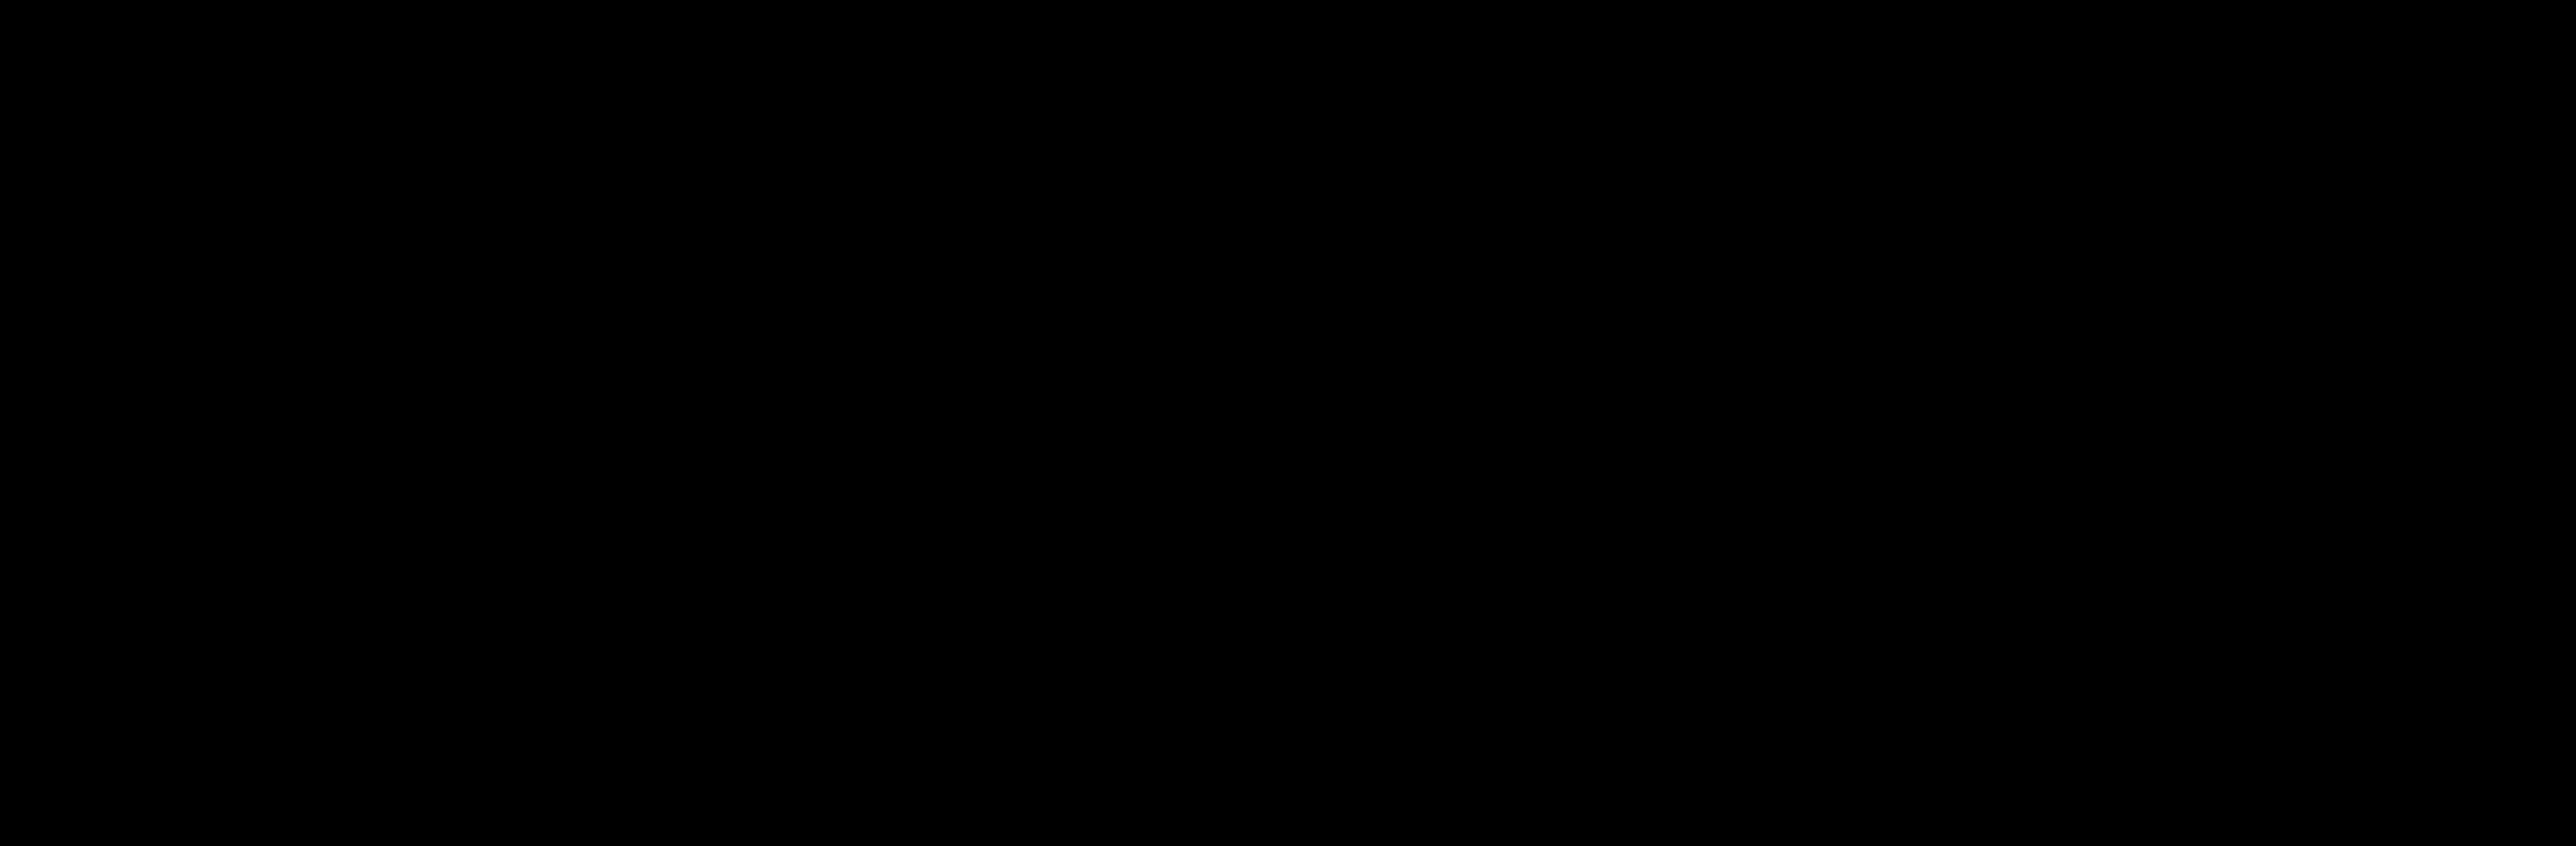 bbc logo remake by minderiayoutuber on deviantart